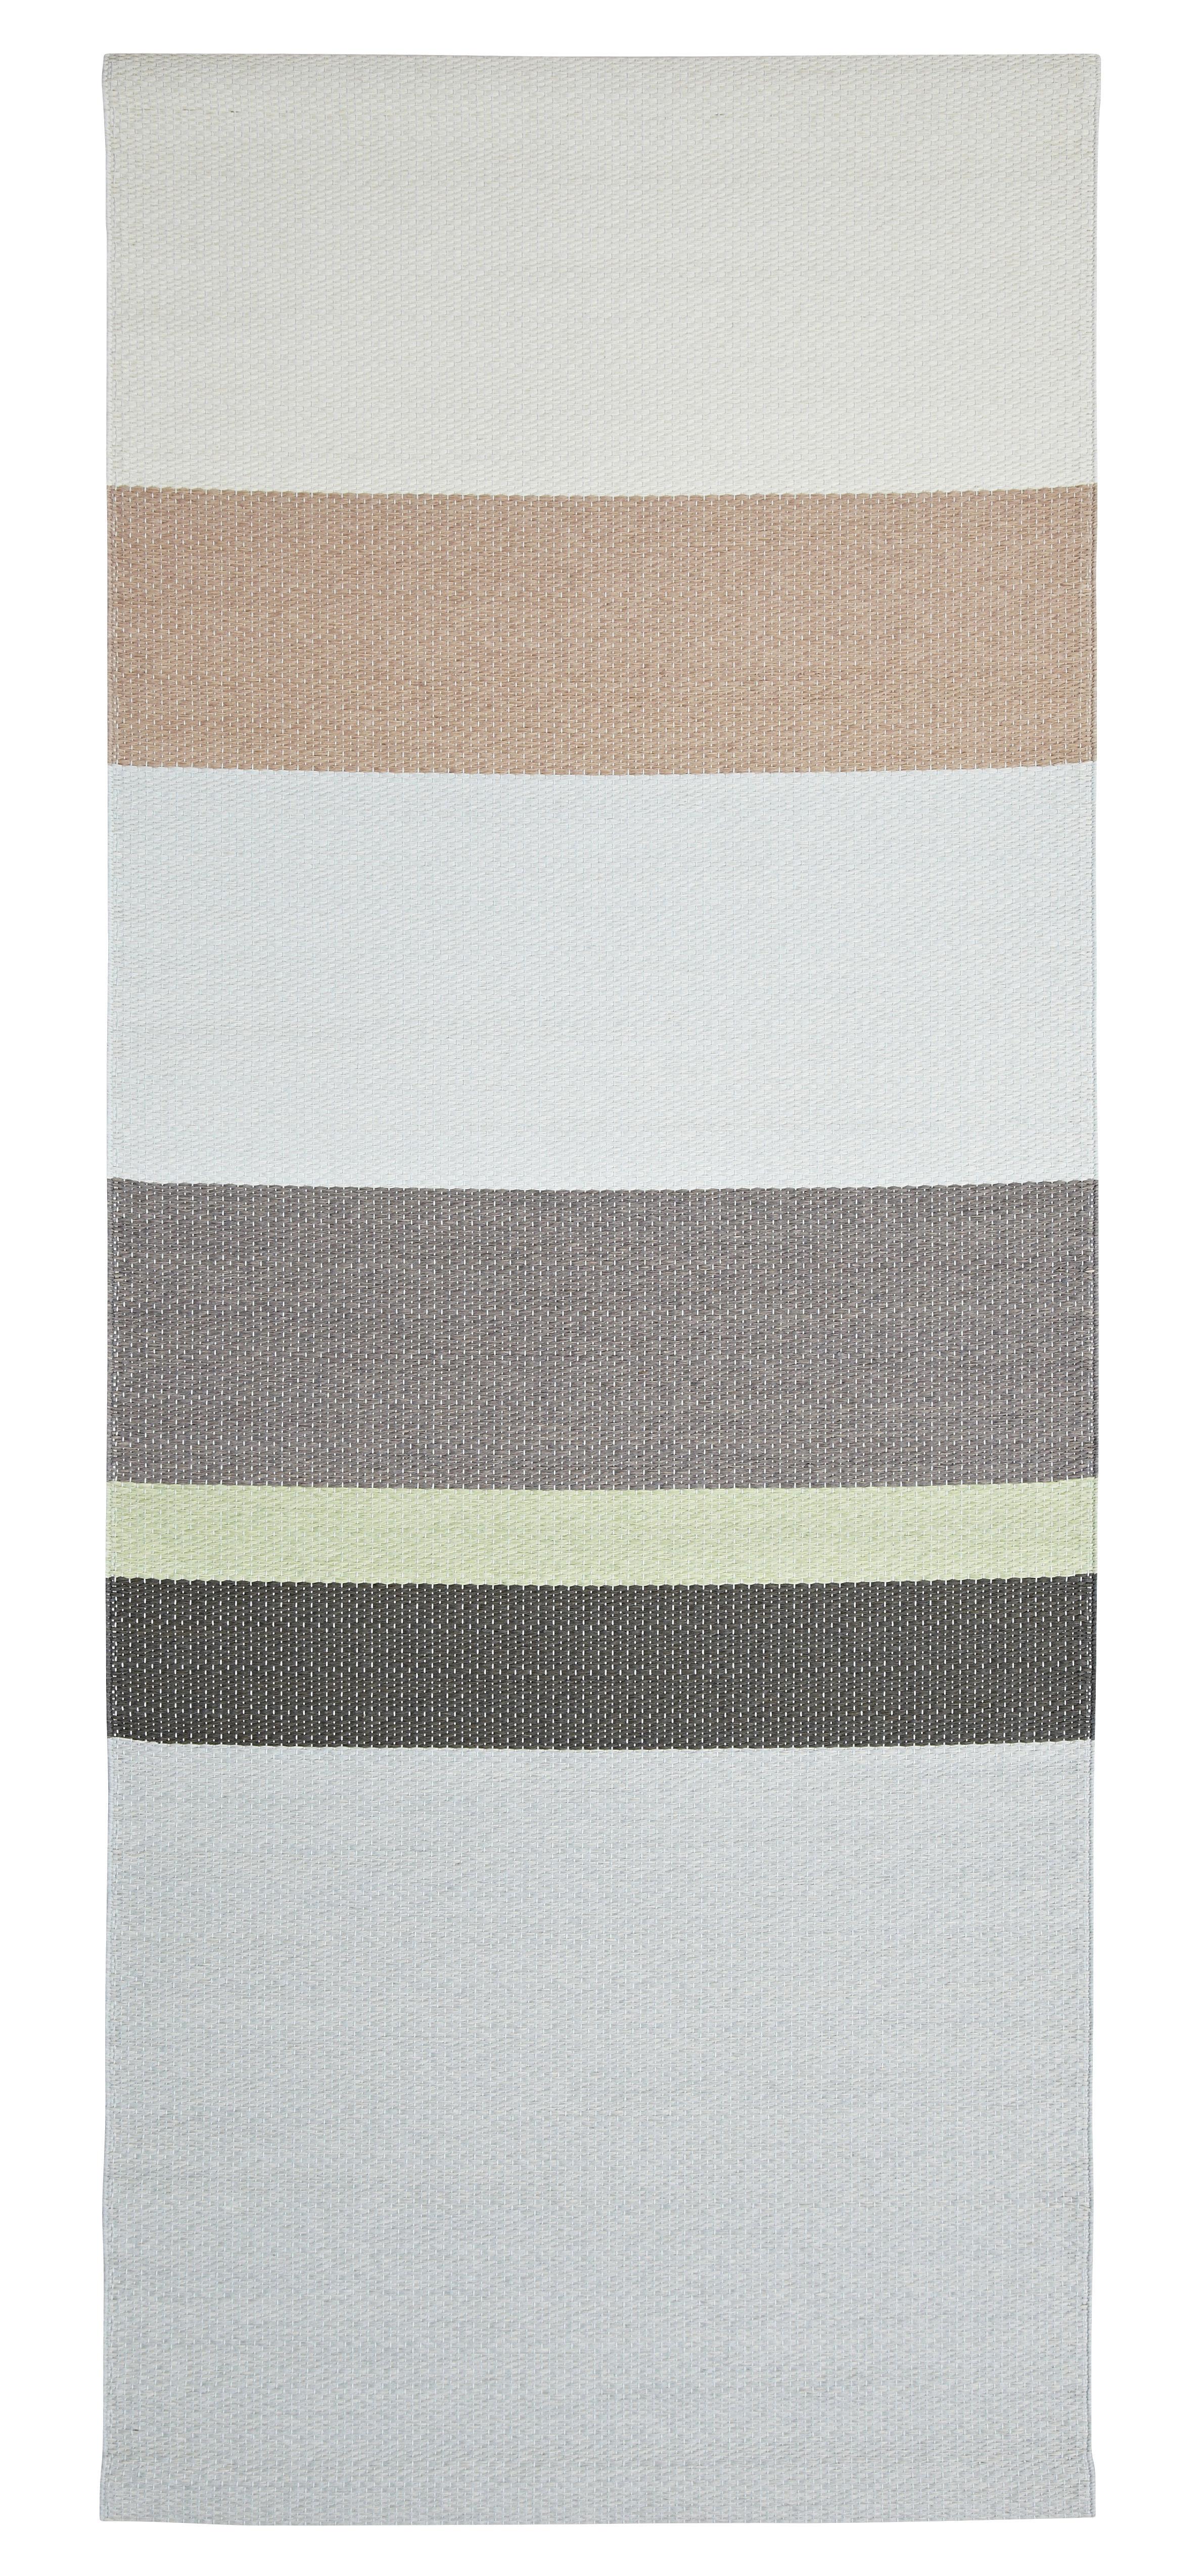 tapis paper 80 x 200 cm 100 papier vert pistache hay. Black Bedroom Furniture Sets. Home Design Ideas